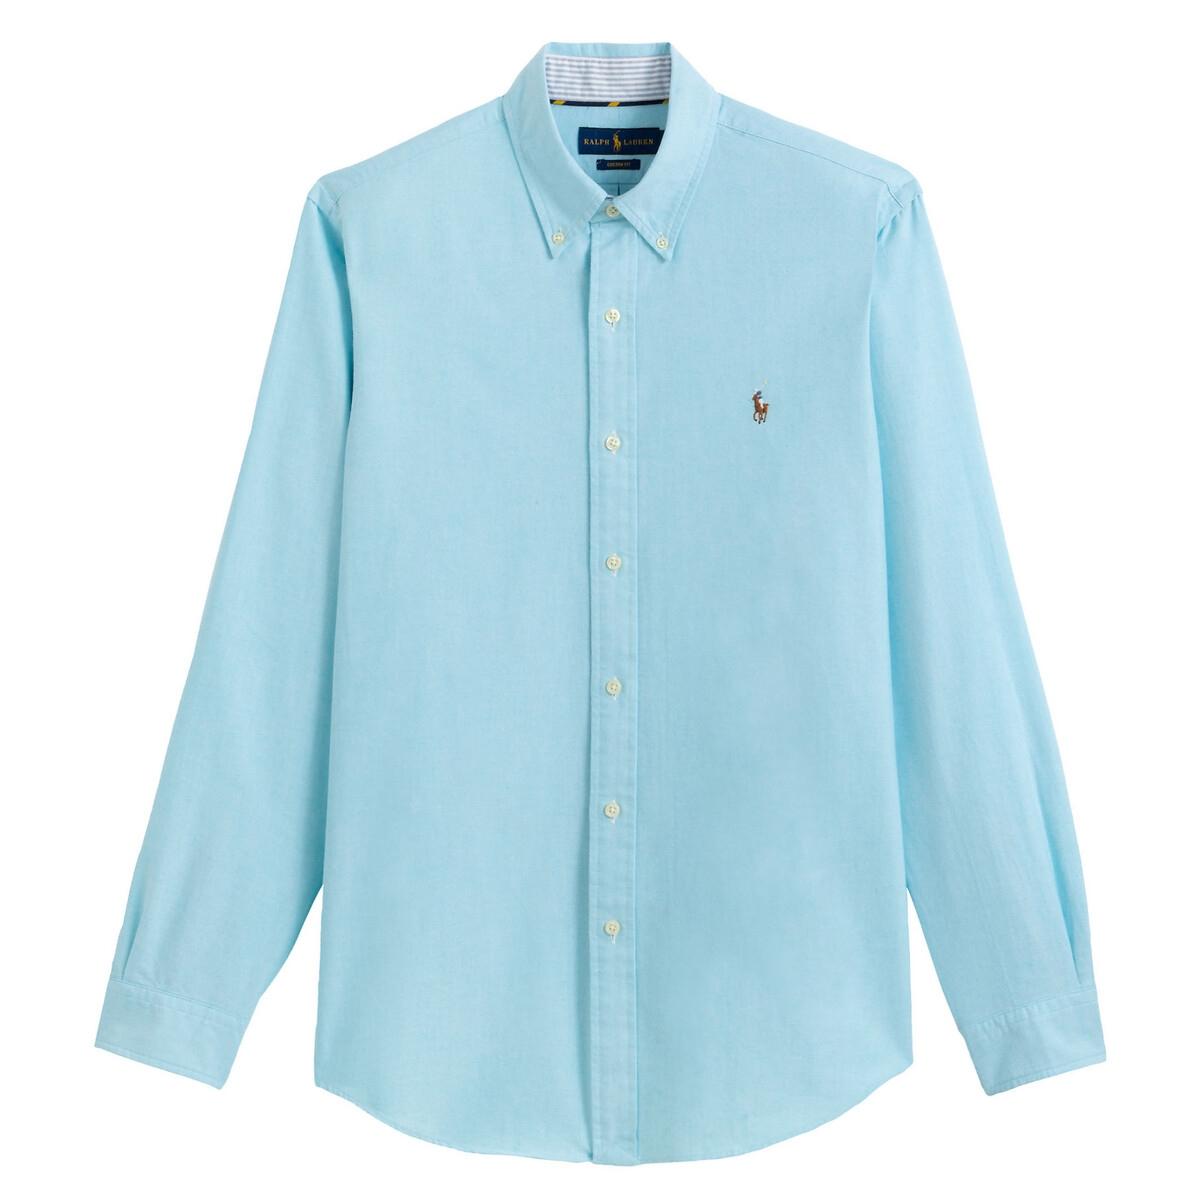 Рубашка La Redoute Прямого покроя из ткани оксфорд L синий рубашка la redoute из ткани оксфорд 16 лет 162 см синий